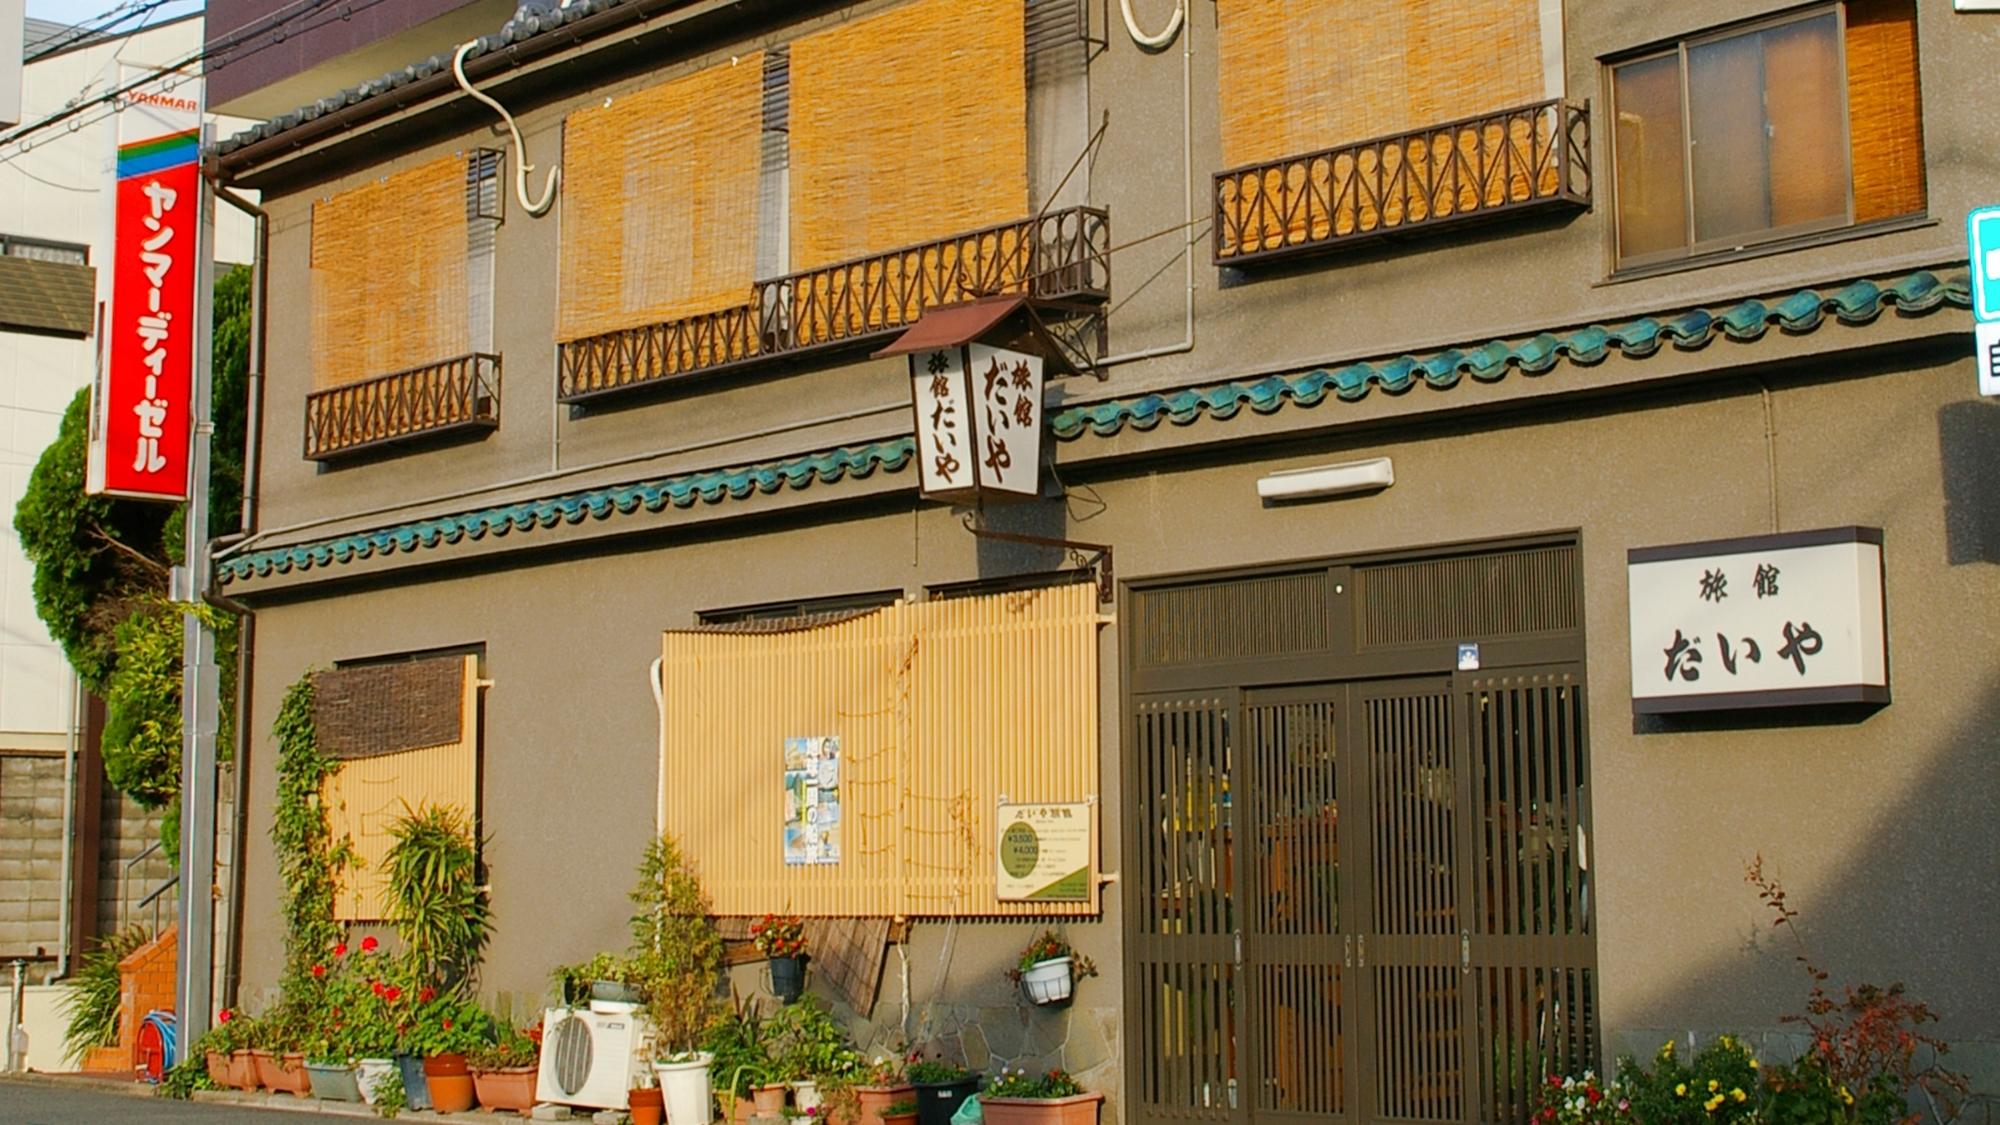 京都三十三間堂の近くで、和室の大部屋のあるおすすめ宿は?